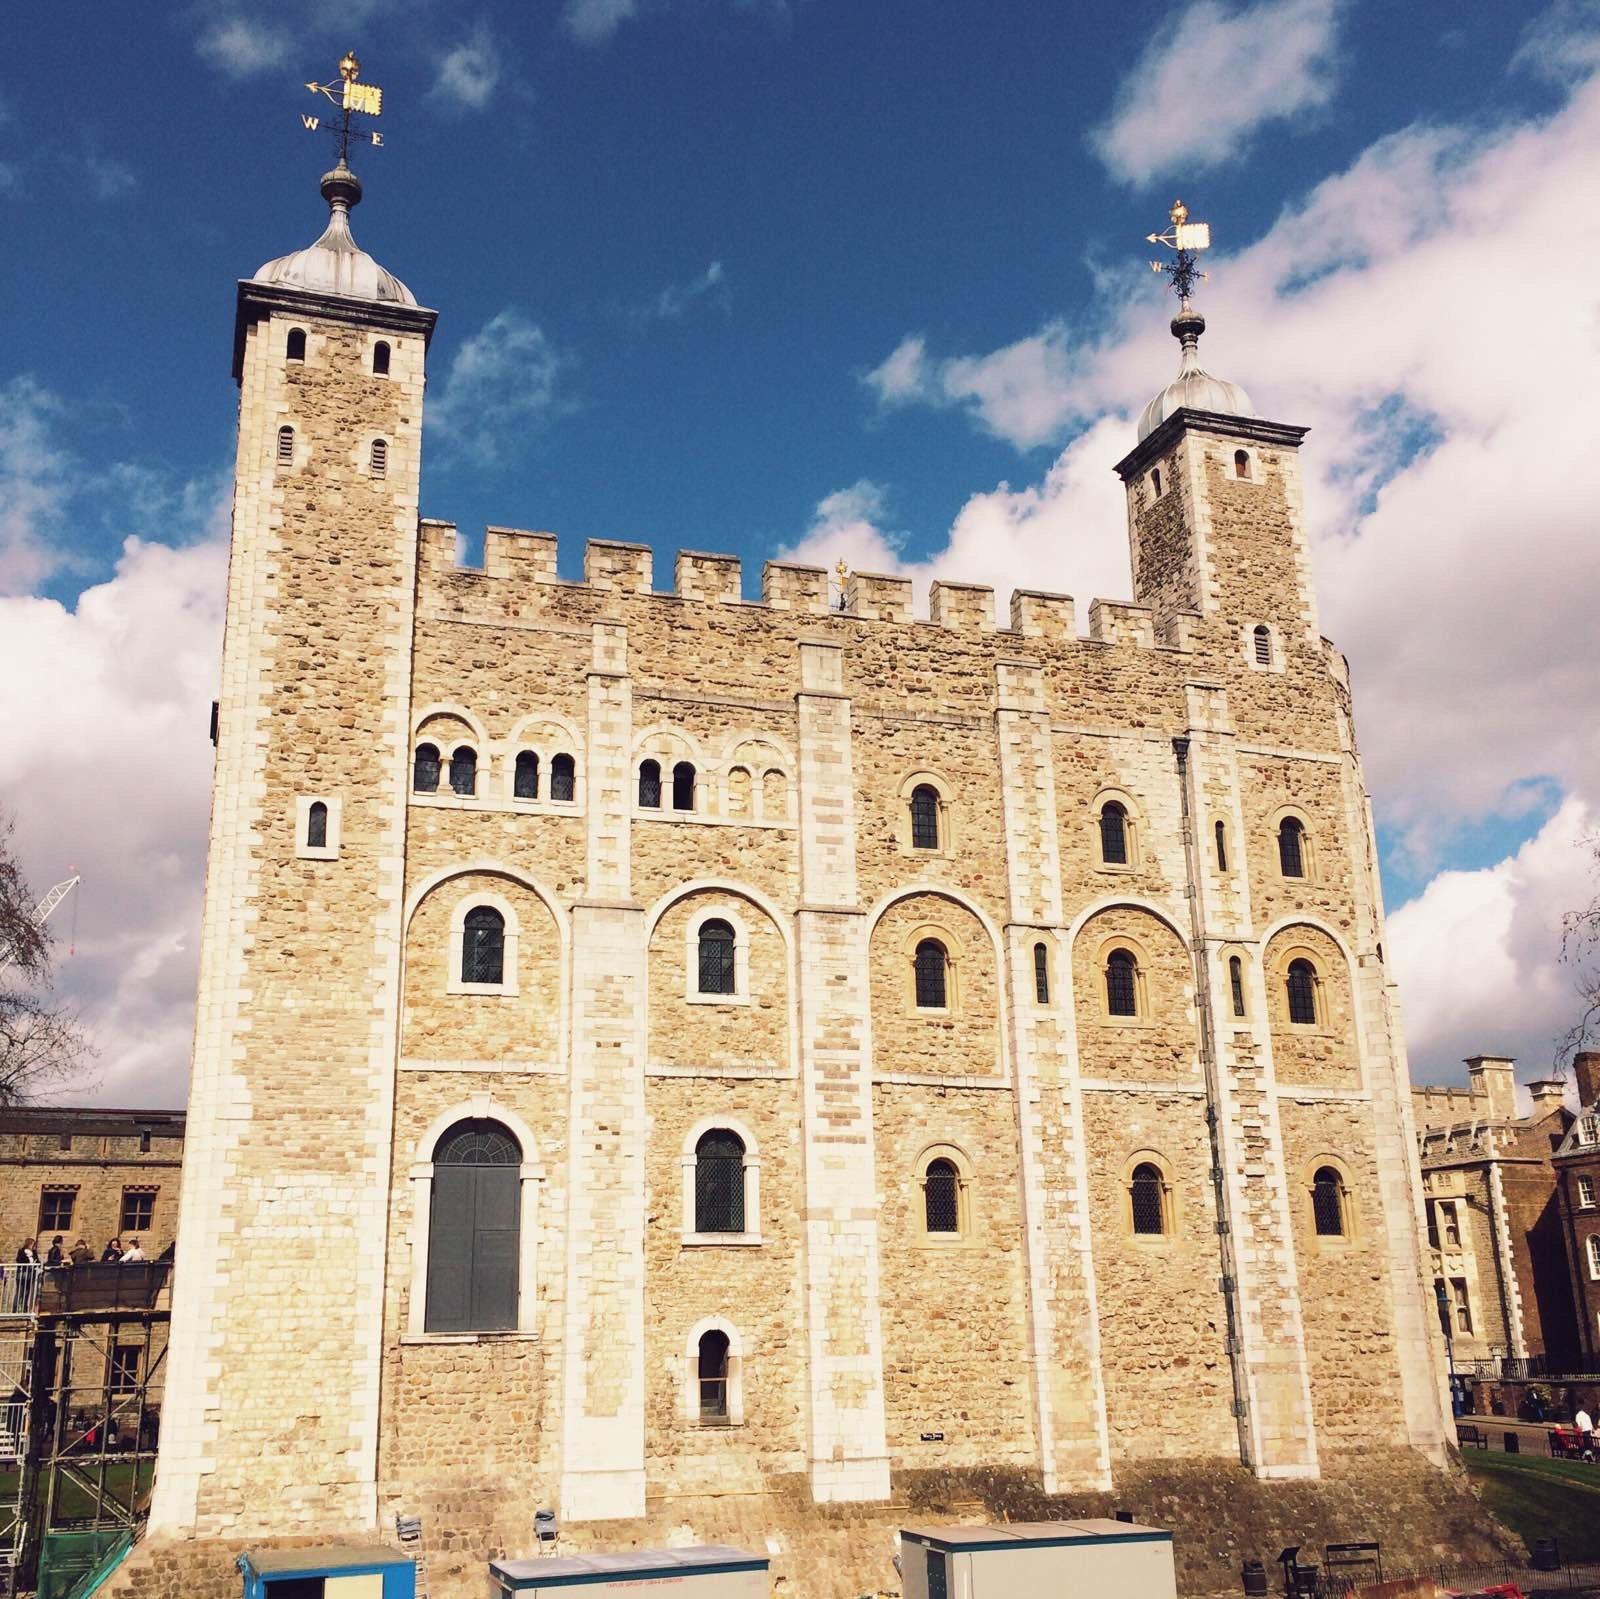 伦敦塔 城堡内很多这种细长的窗子